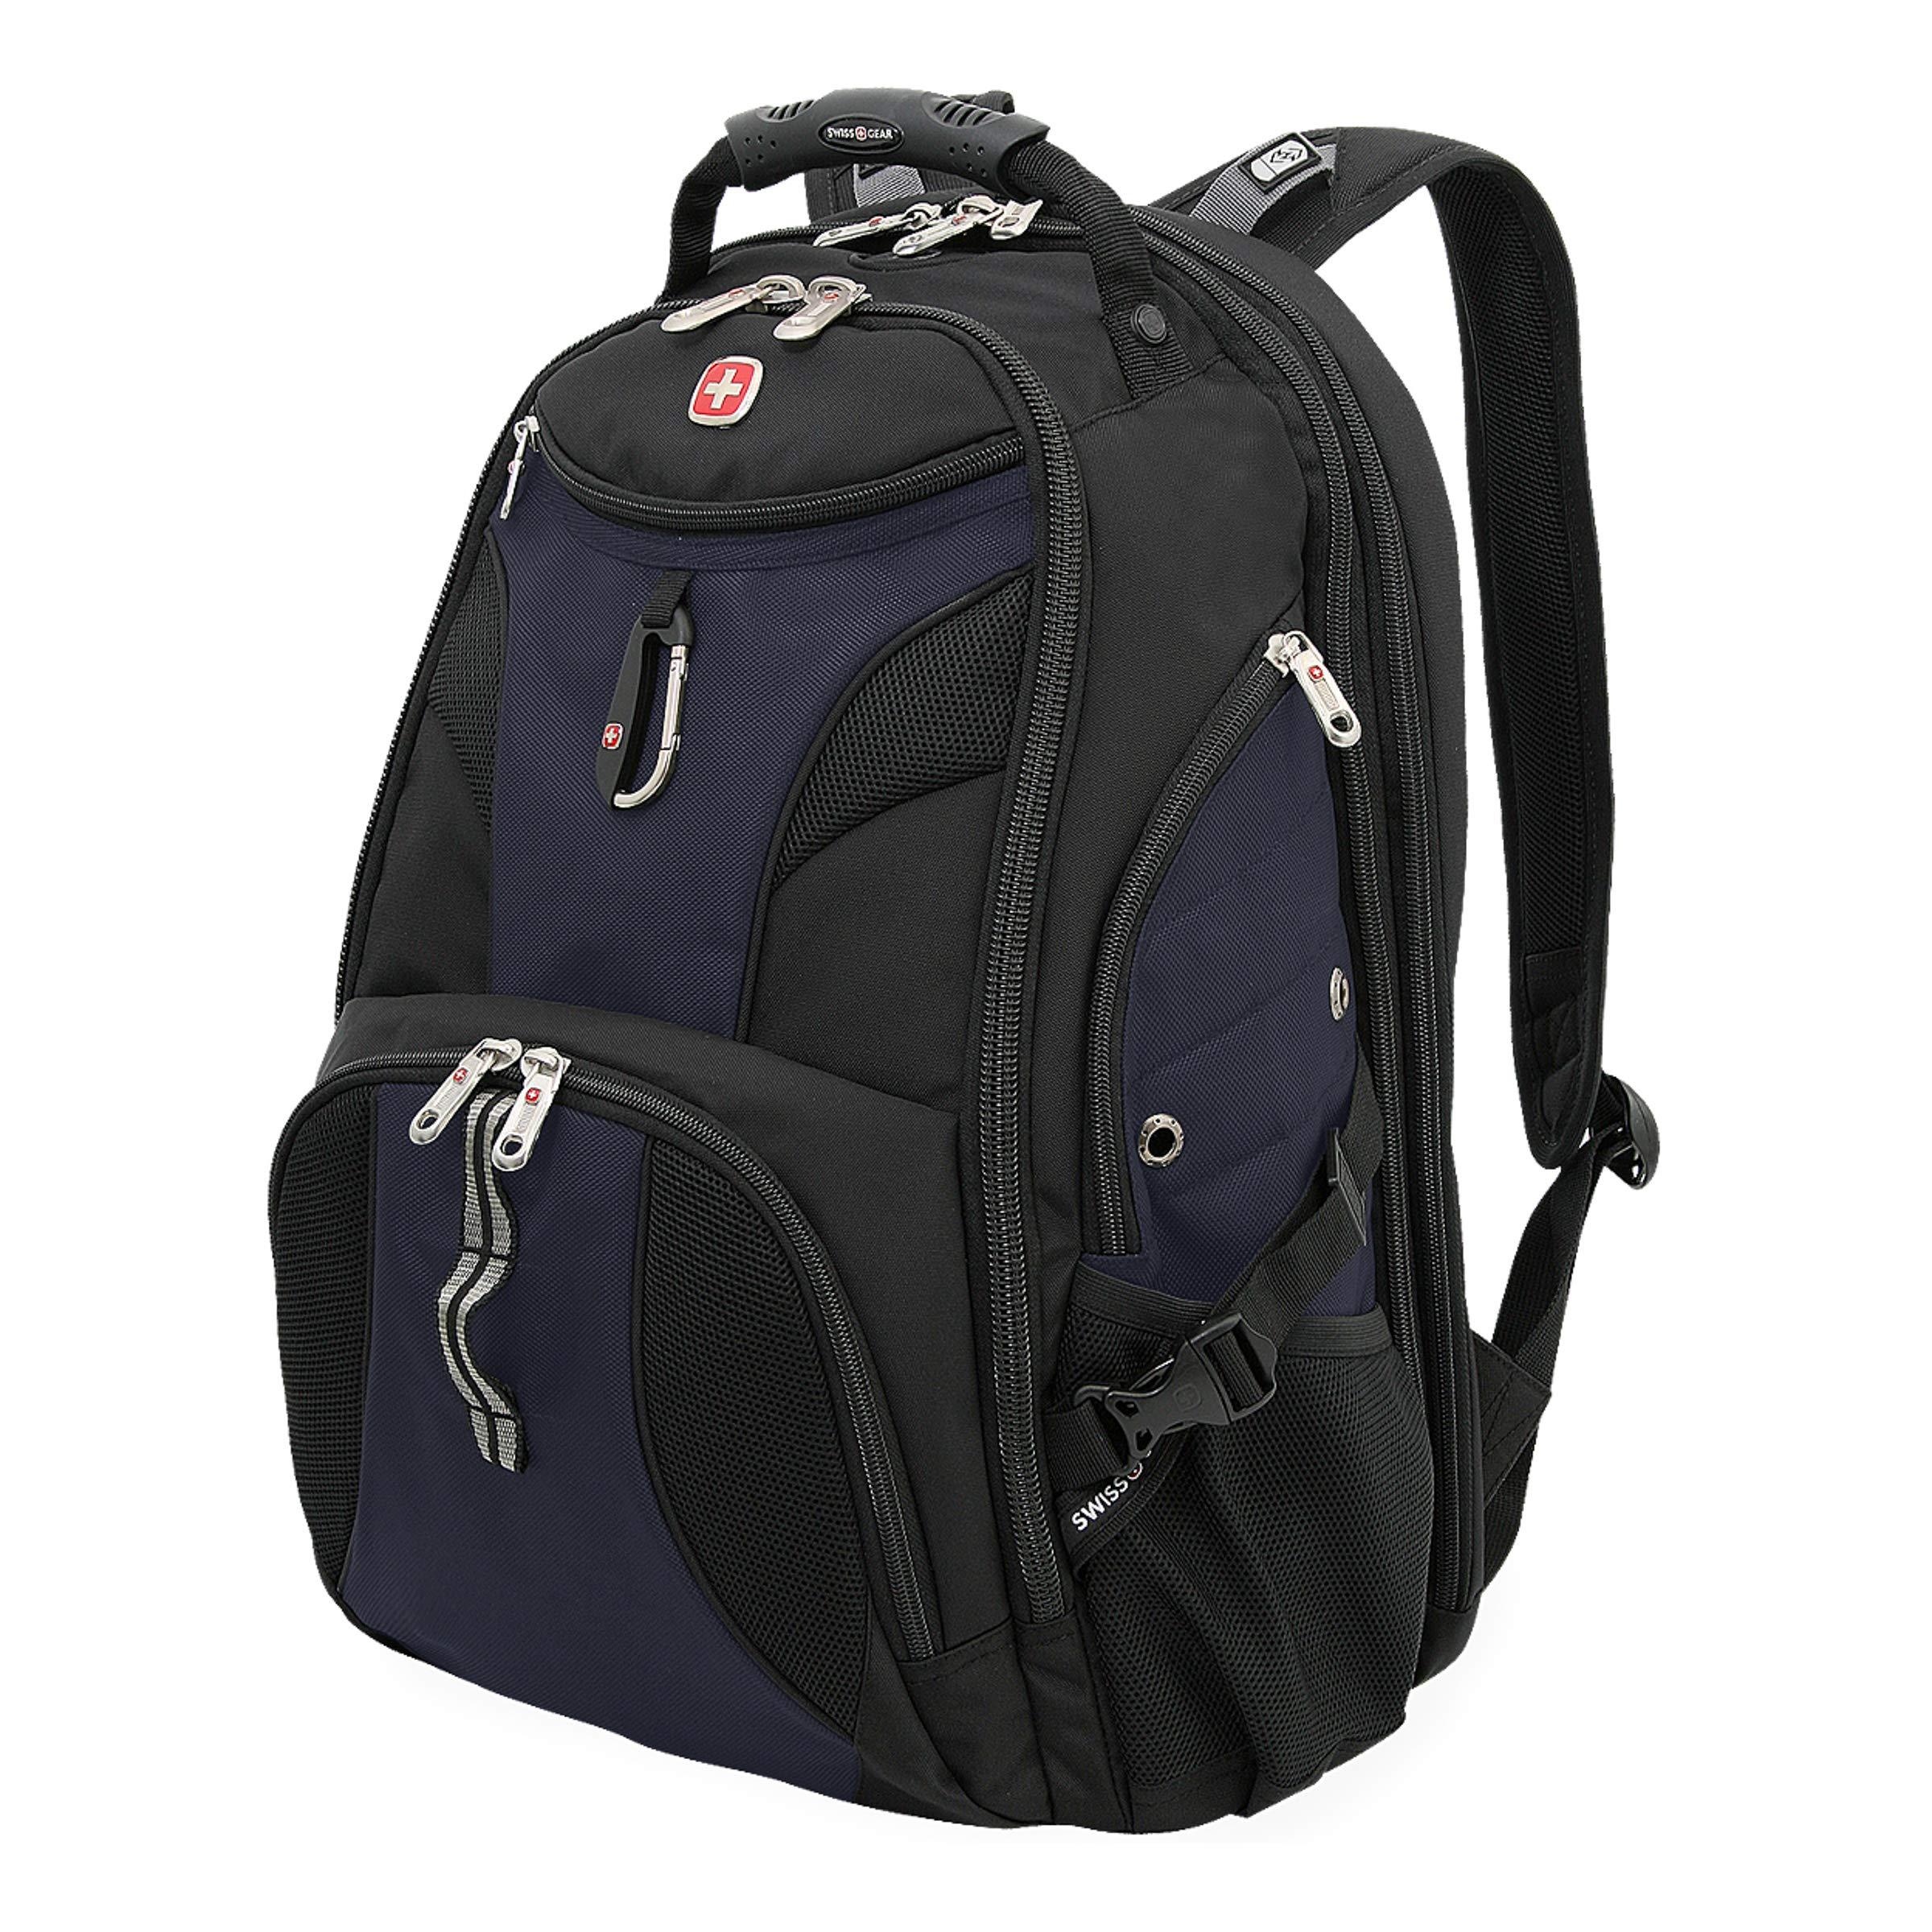 SwissGear Travel Gear 1900 Scansmart TSA Friendly Laptop Backpack Blue by Swiss Gear